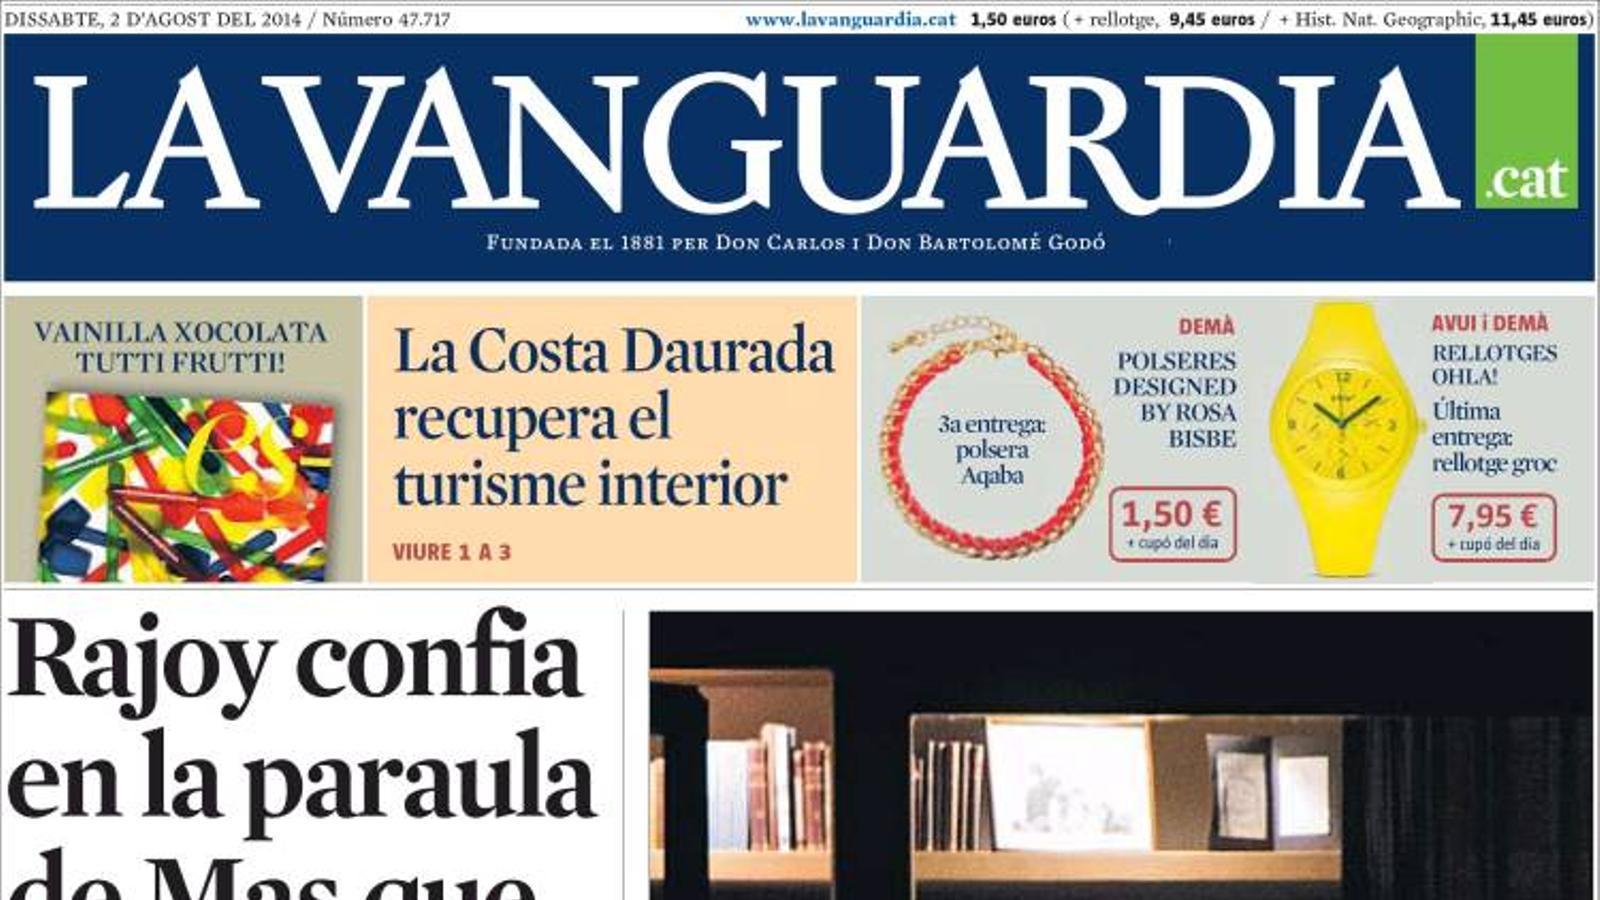 39 la vanguardia 39 troba jordi pujol - Portada de la vanguardia ...